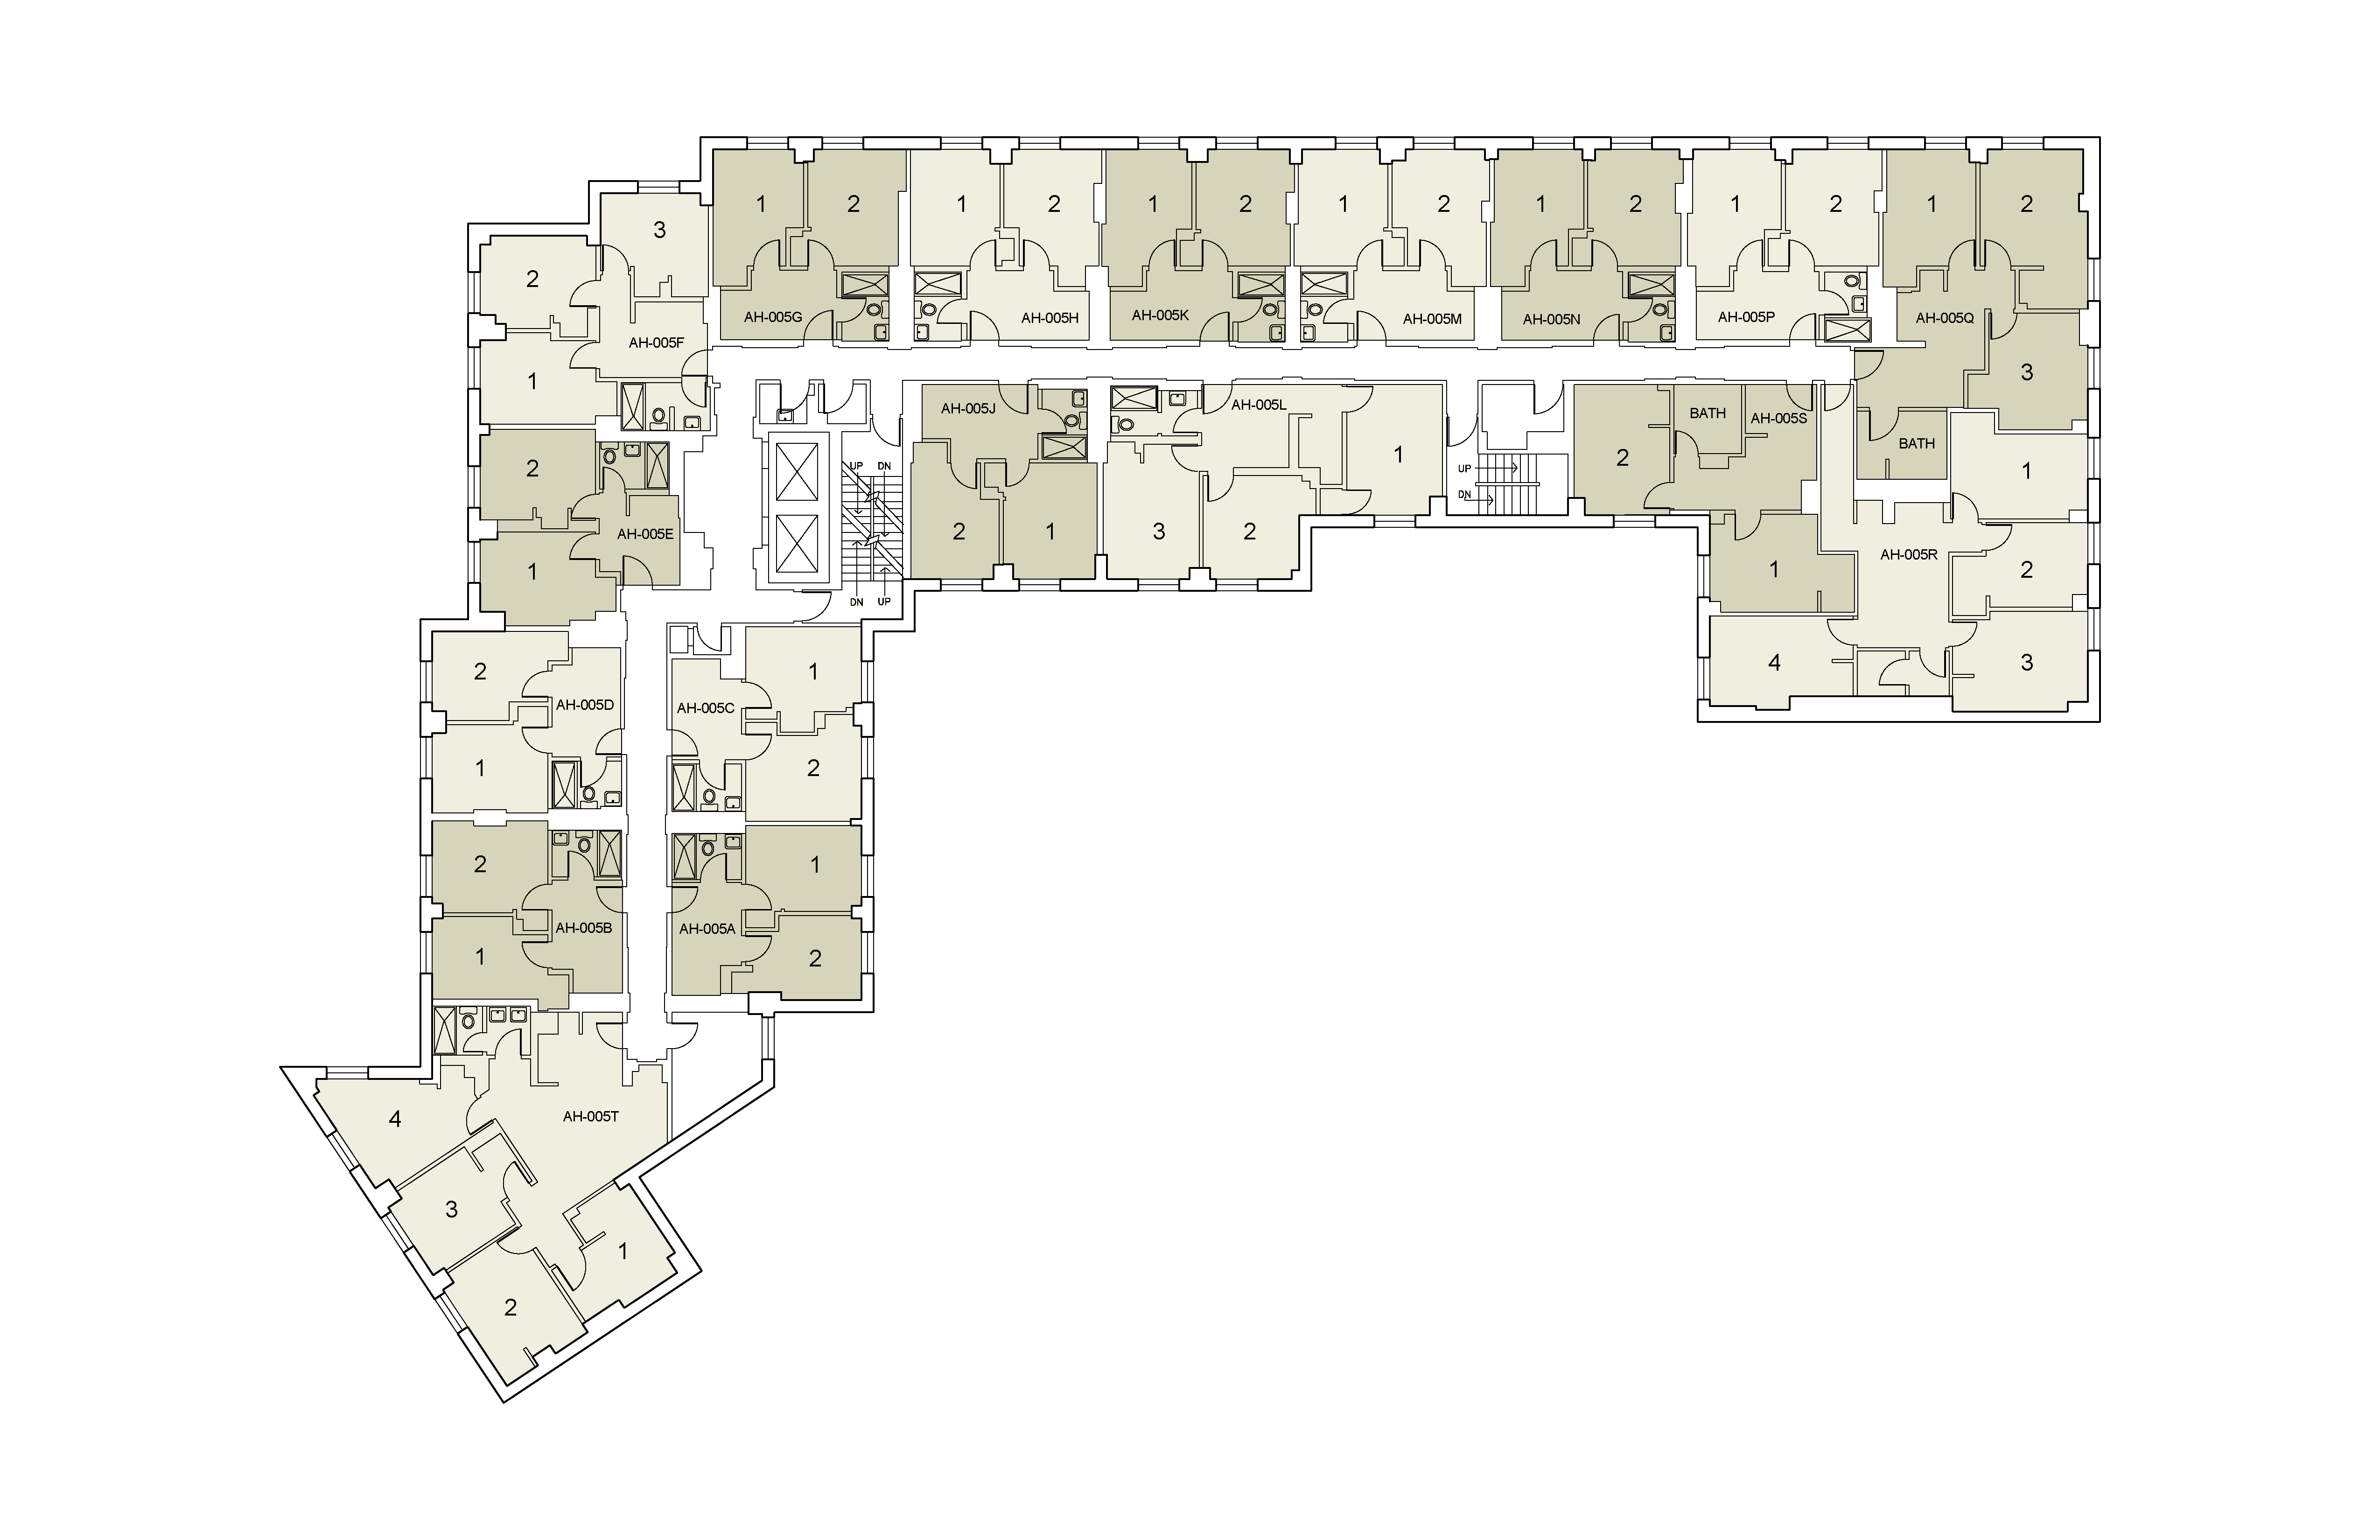 Floor plan for Alumni Floor 05